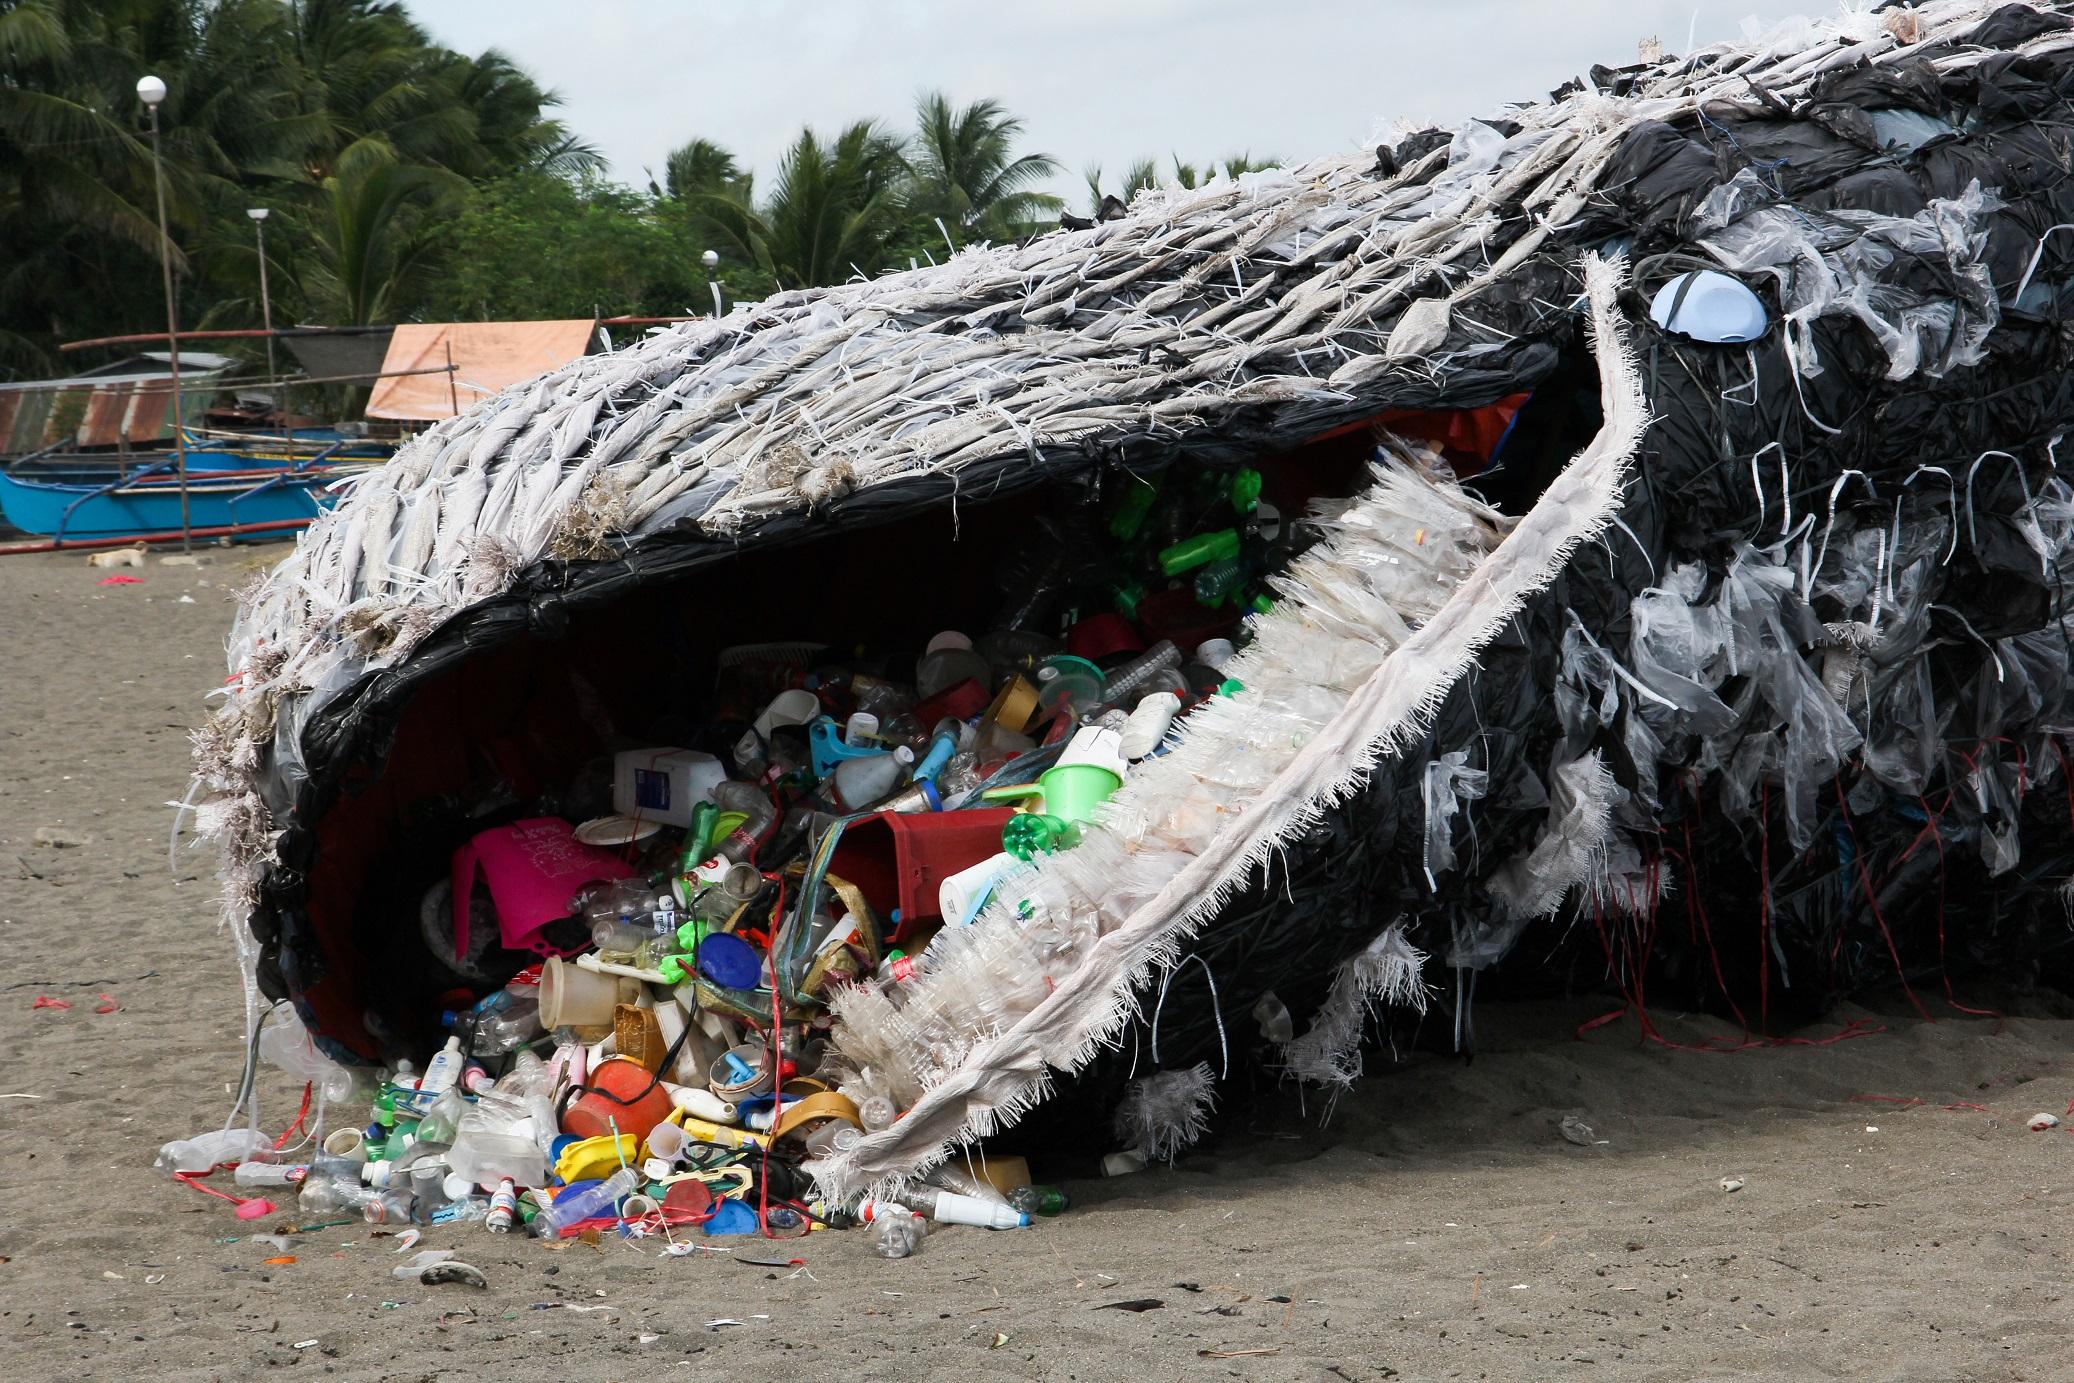 f233l eur243p225nyi műanyagszigetek 250sznak az 243ce225non 171 m233rce